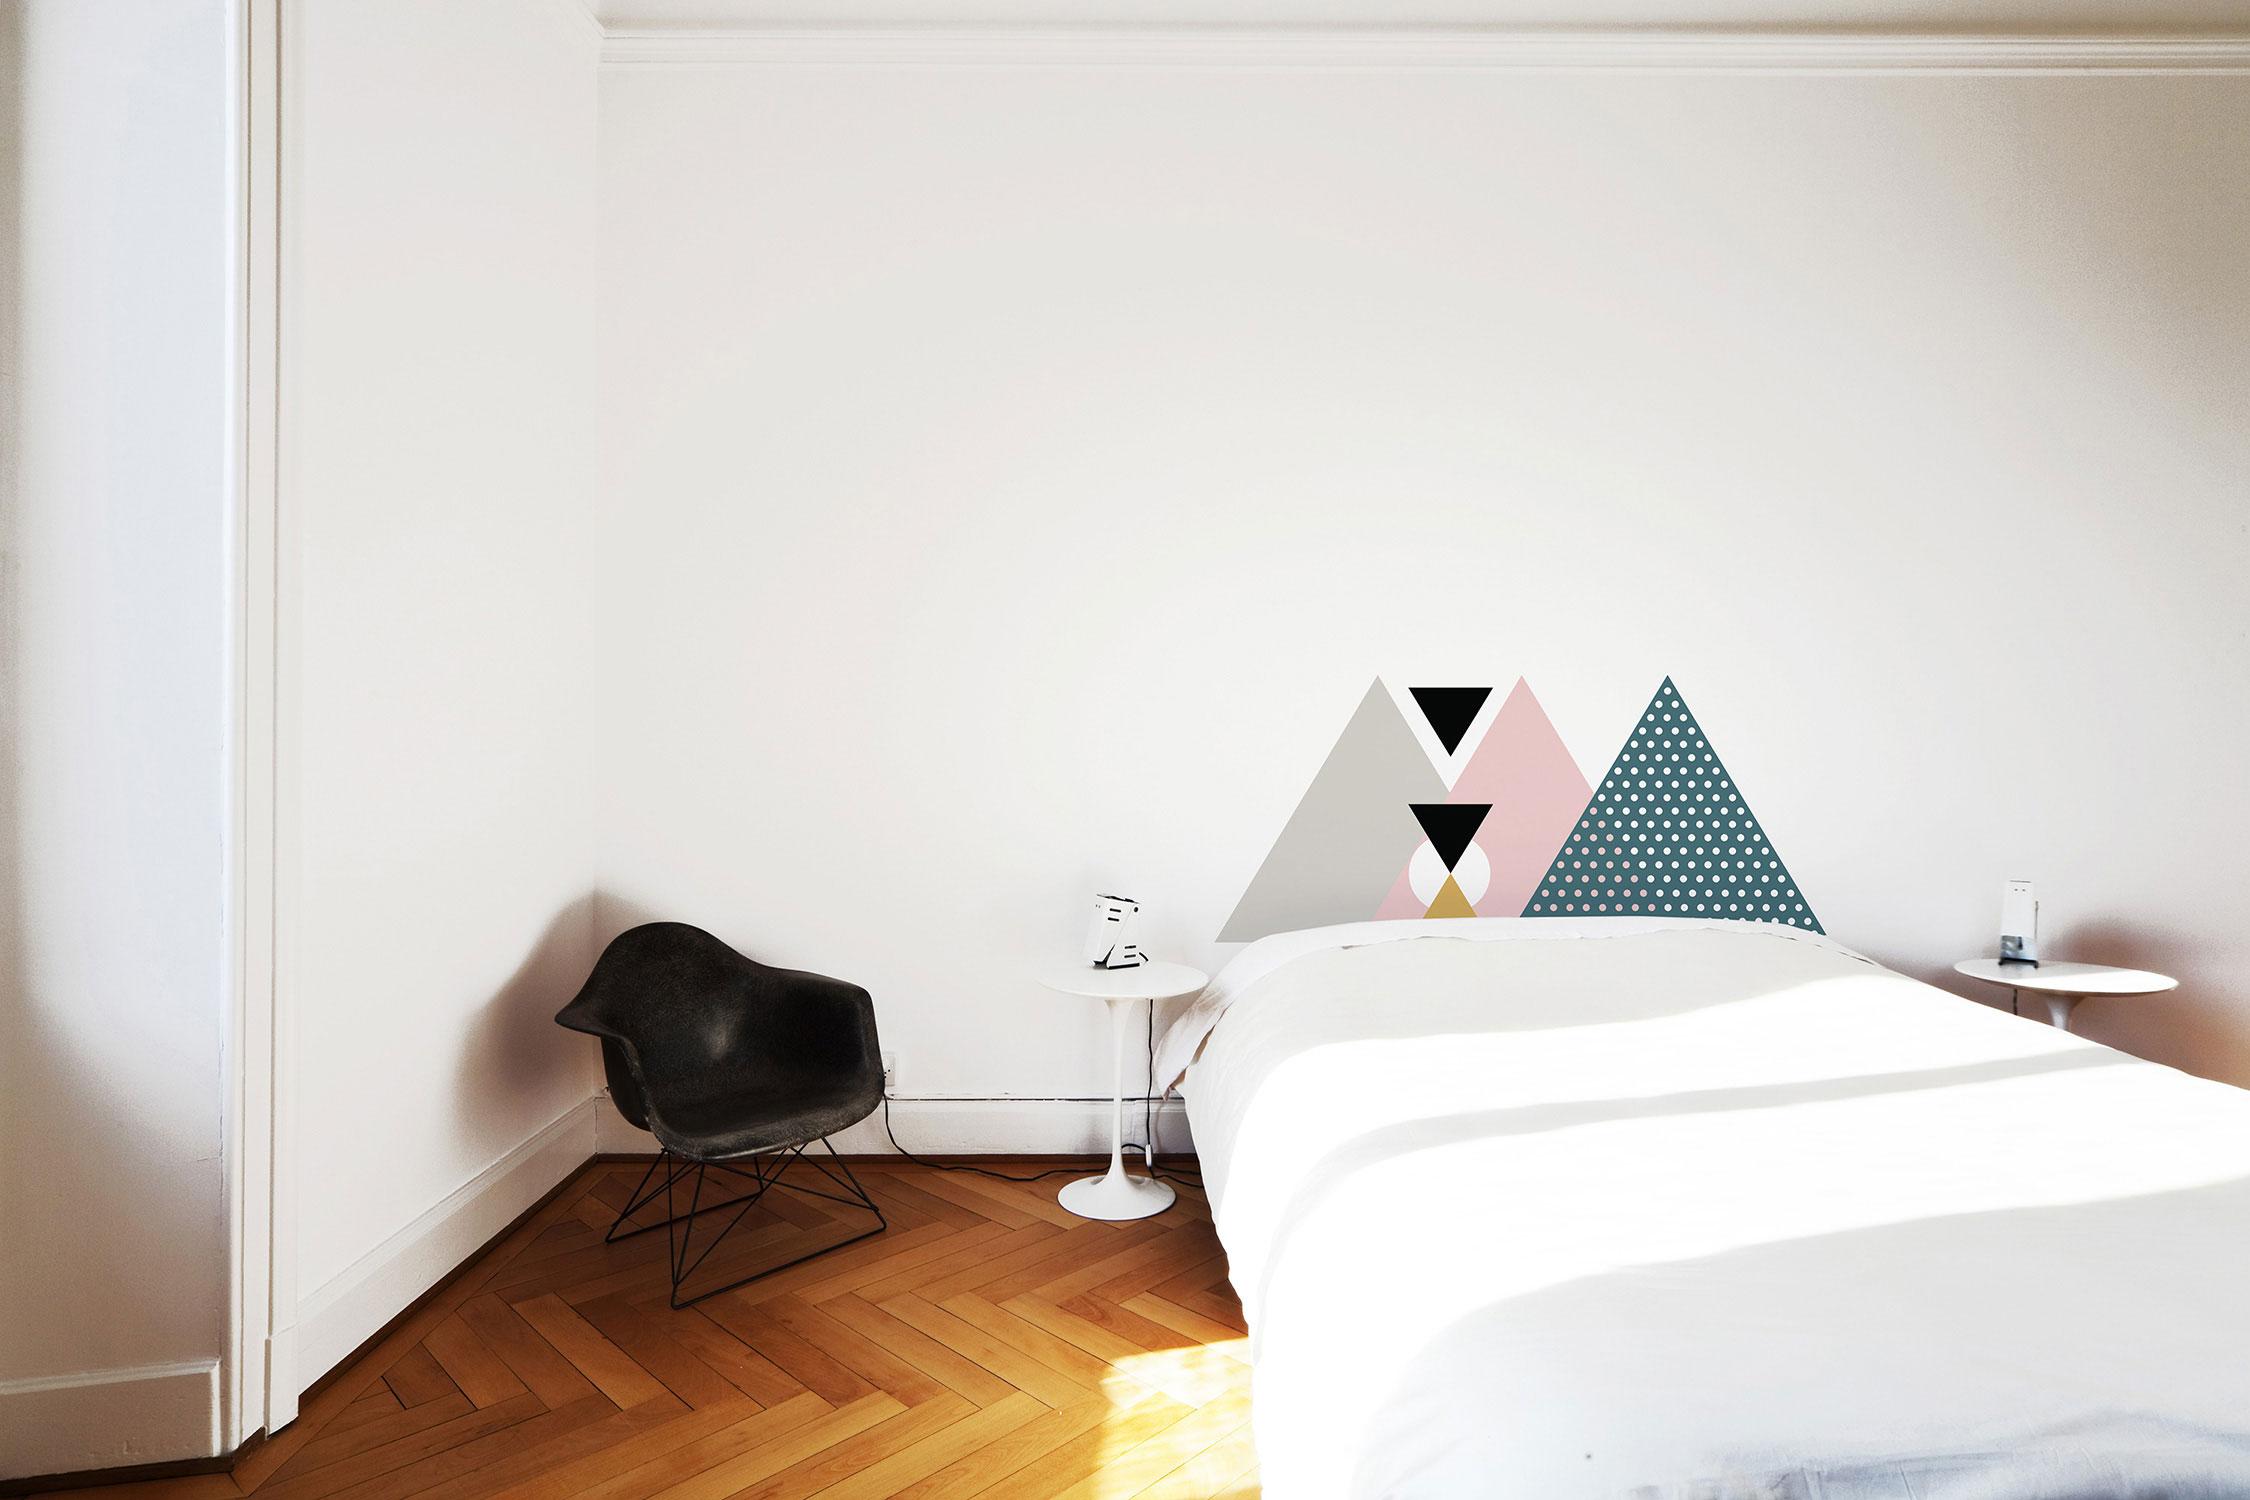 mpgmb_Adzif_SKagen_Pink_2013_W_scandinavian_design_vintage_headboards_skandynawski_design_zaglowki_vintage